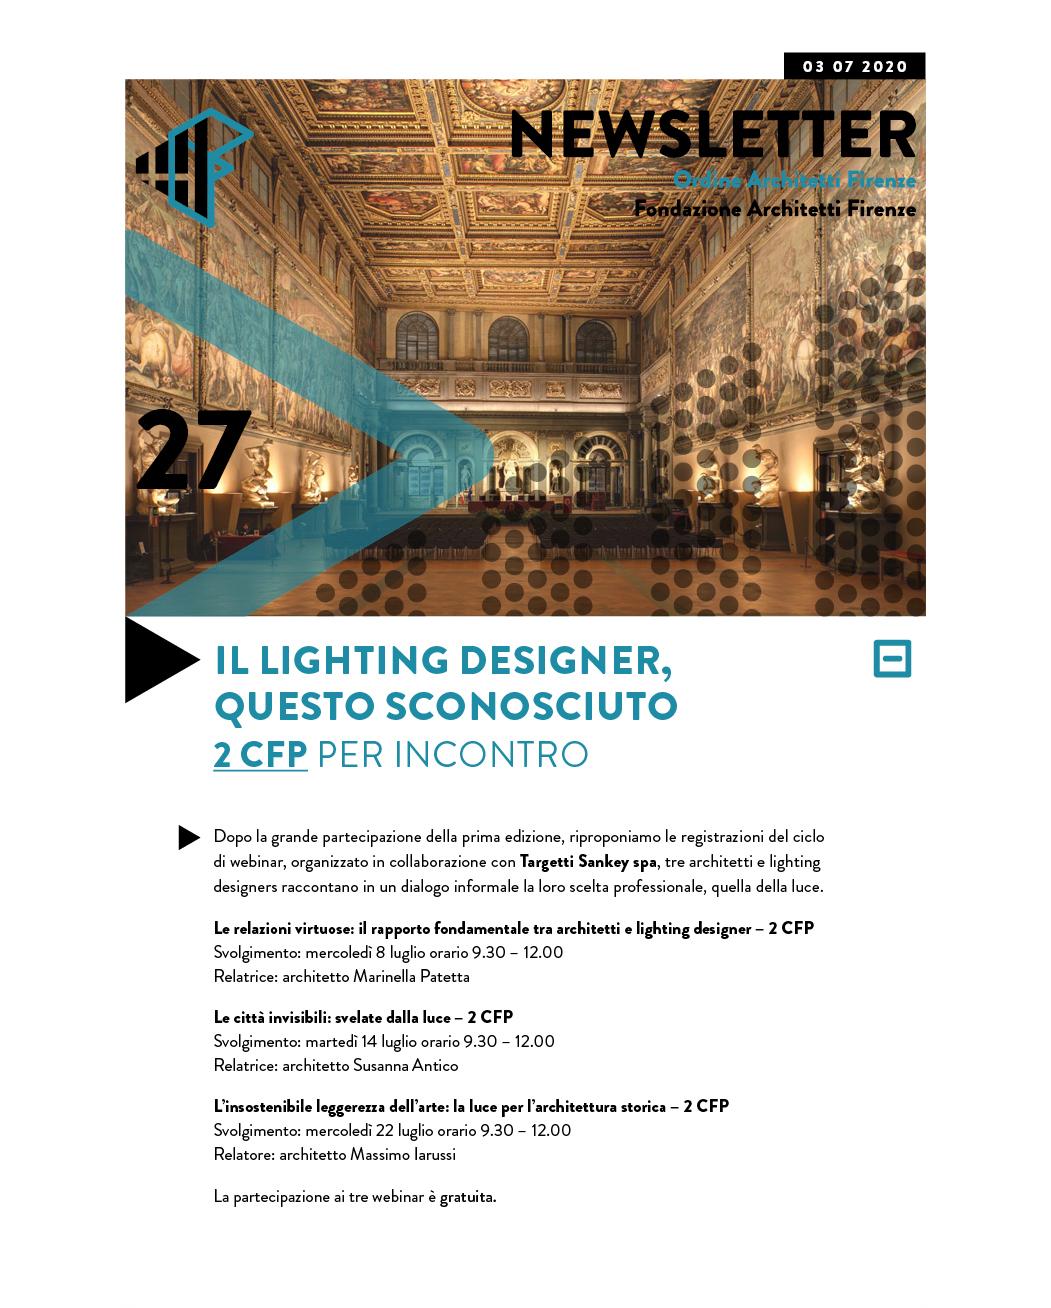 IL LIGHTING DESIGNER, QUESTO SCONOSCIUTO